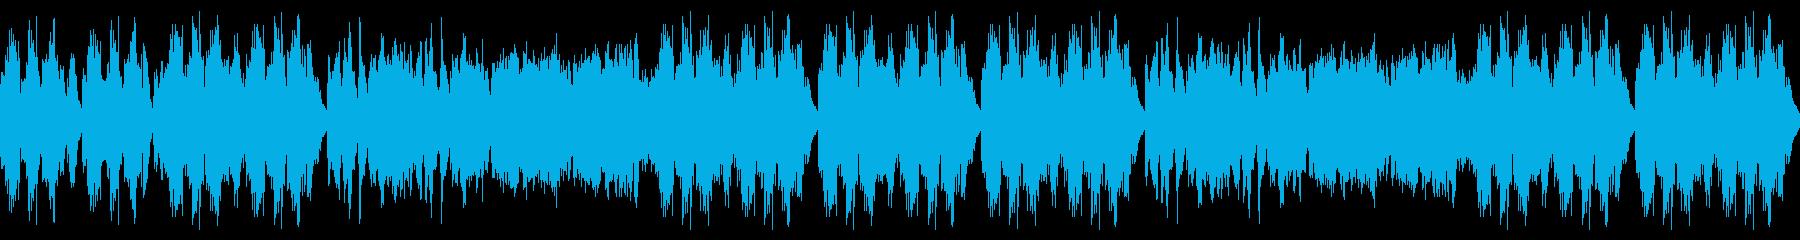 泣きのピアノの幻想的なBGMです。の再生済みの波形